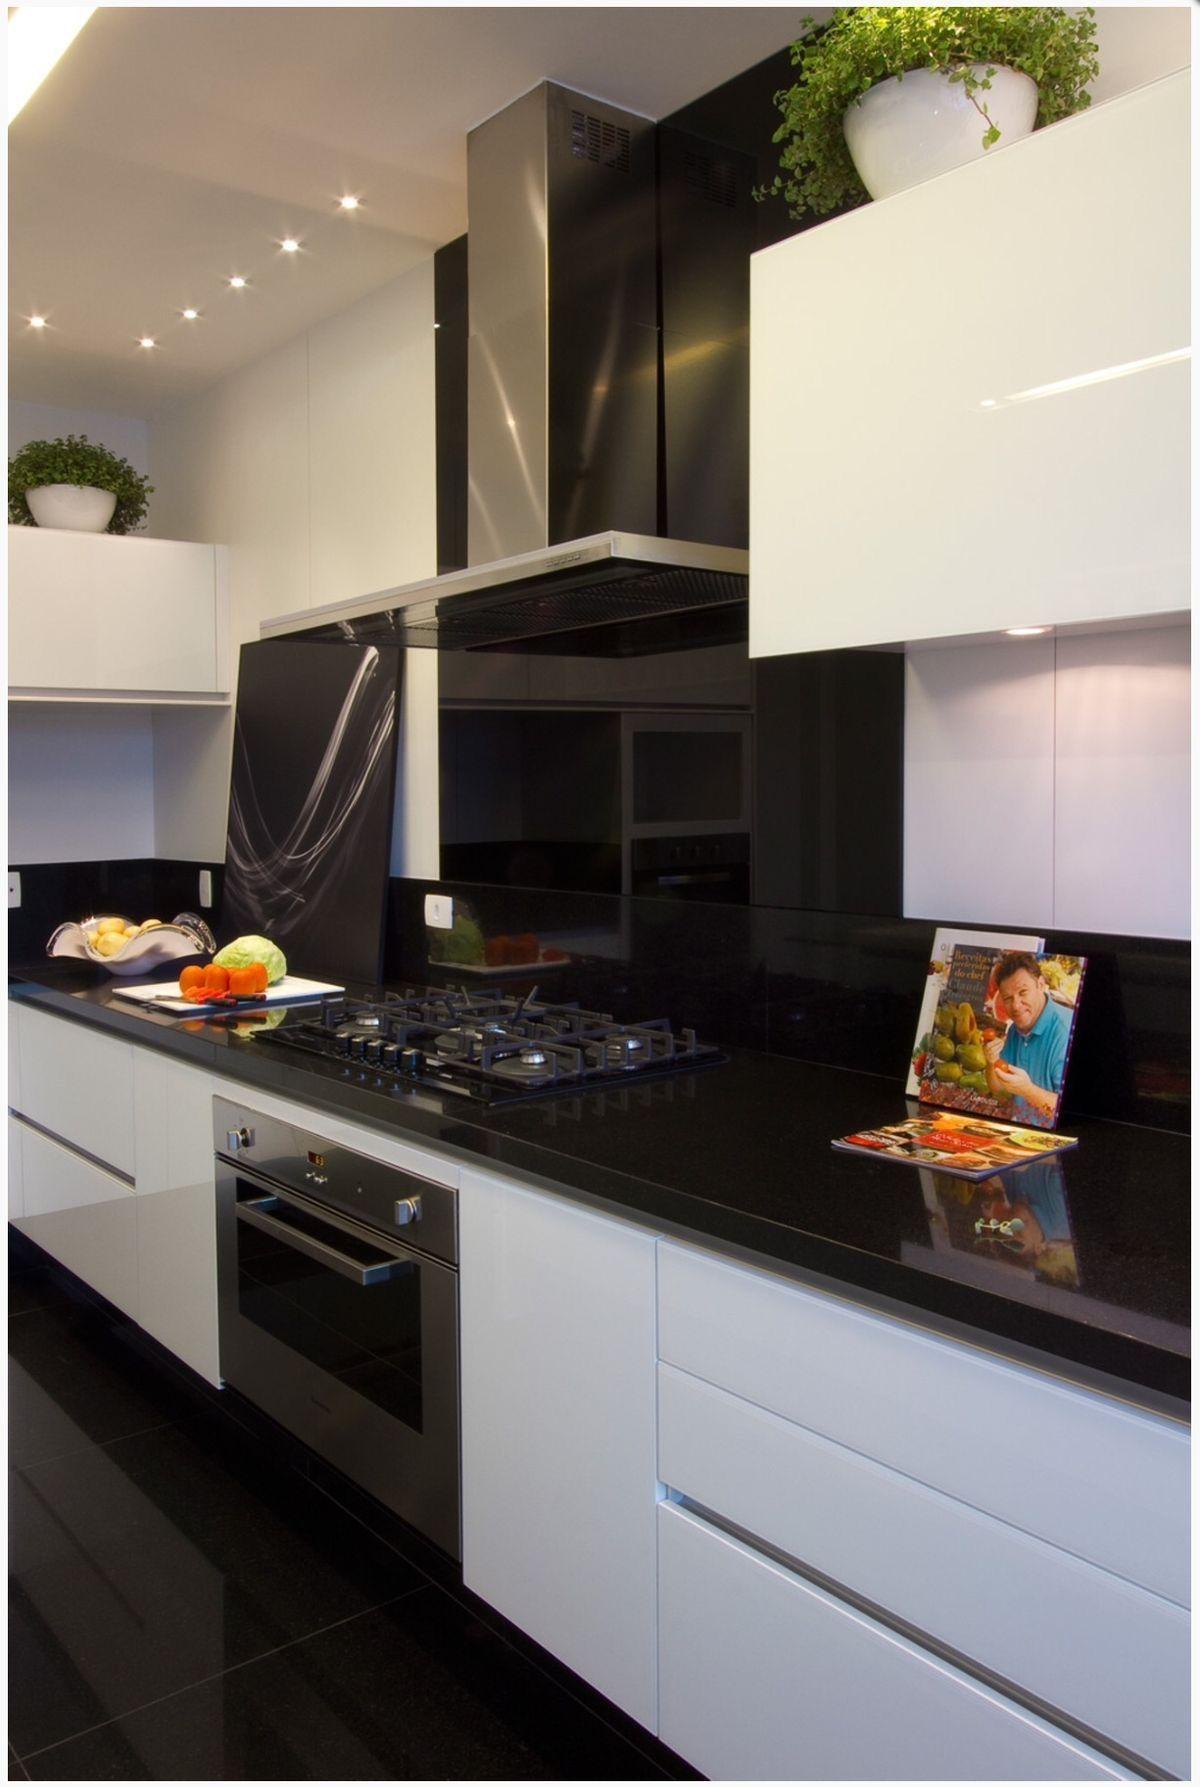 Pindmitry Shon Kitchenshightech And Modern  Pinterest Amazing Garden Kitchen Design Design Inspiration